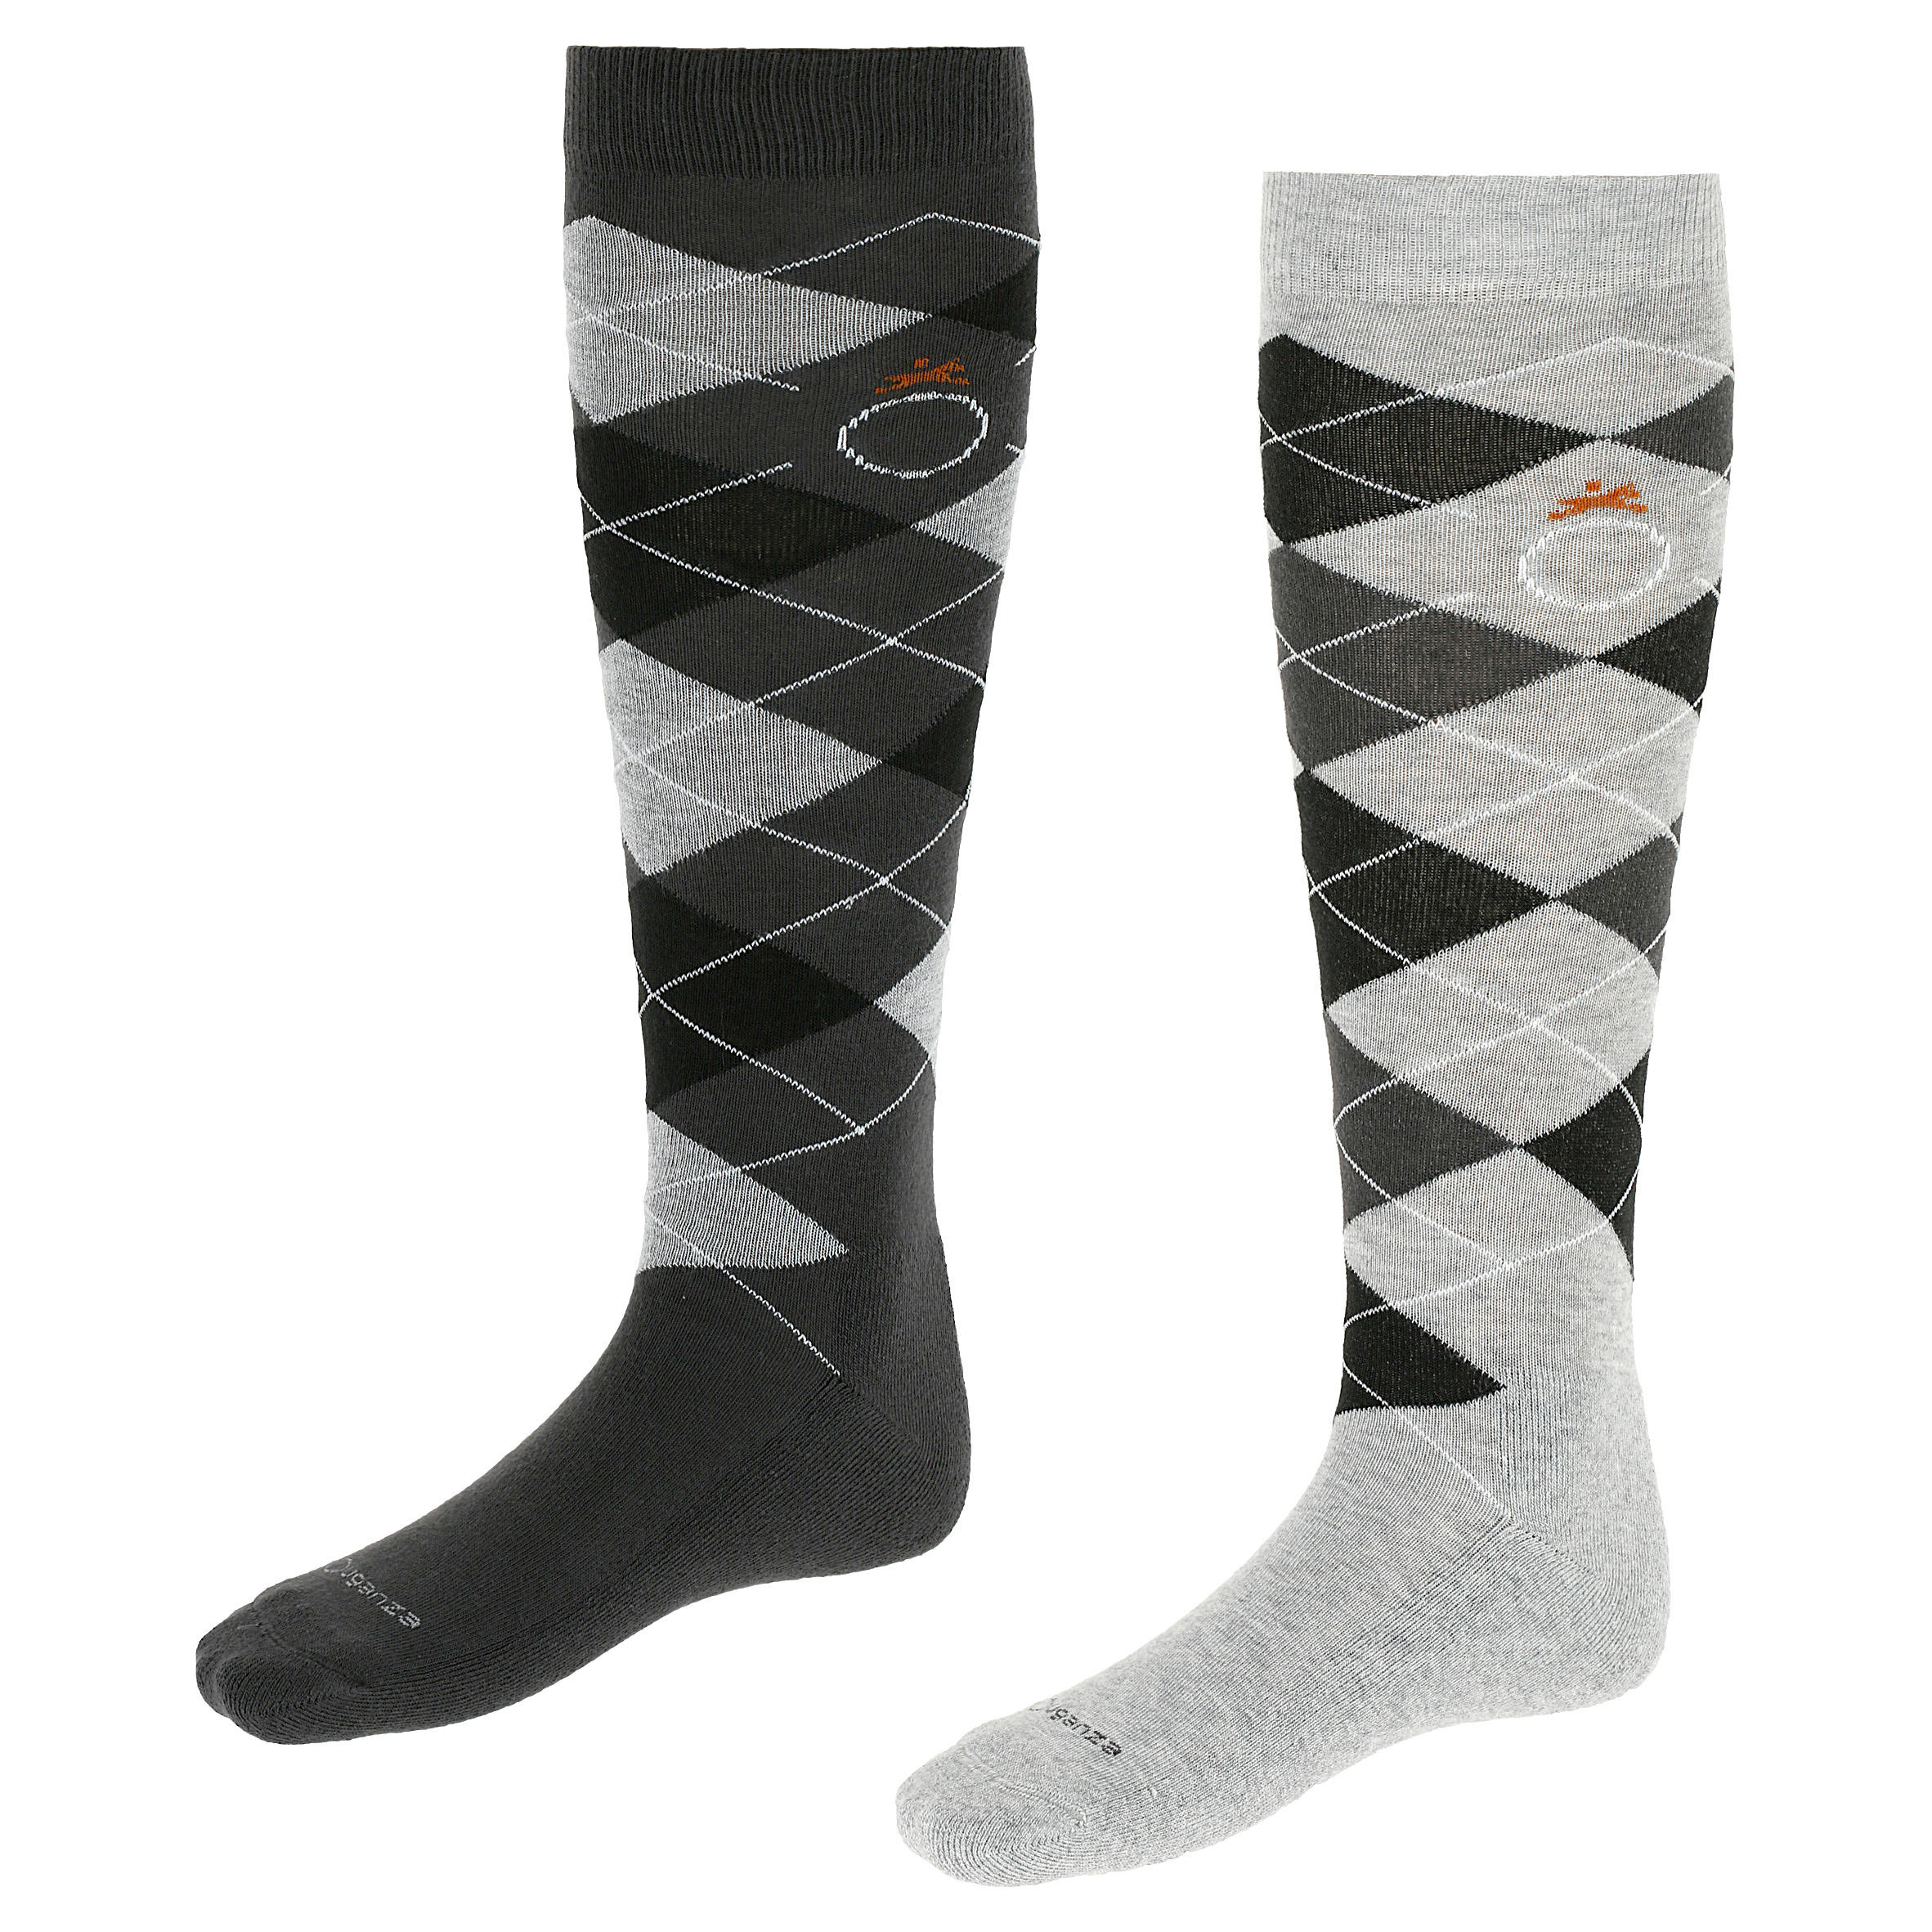 Chaussettes équitation adulte LOSANGES gris et noir x2